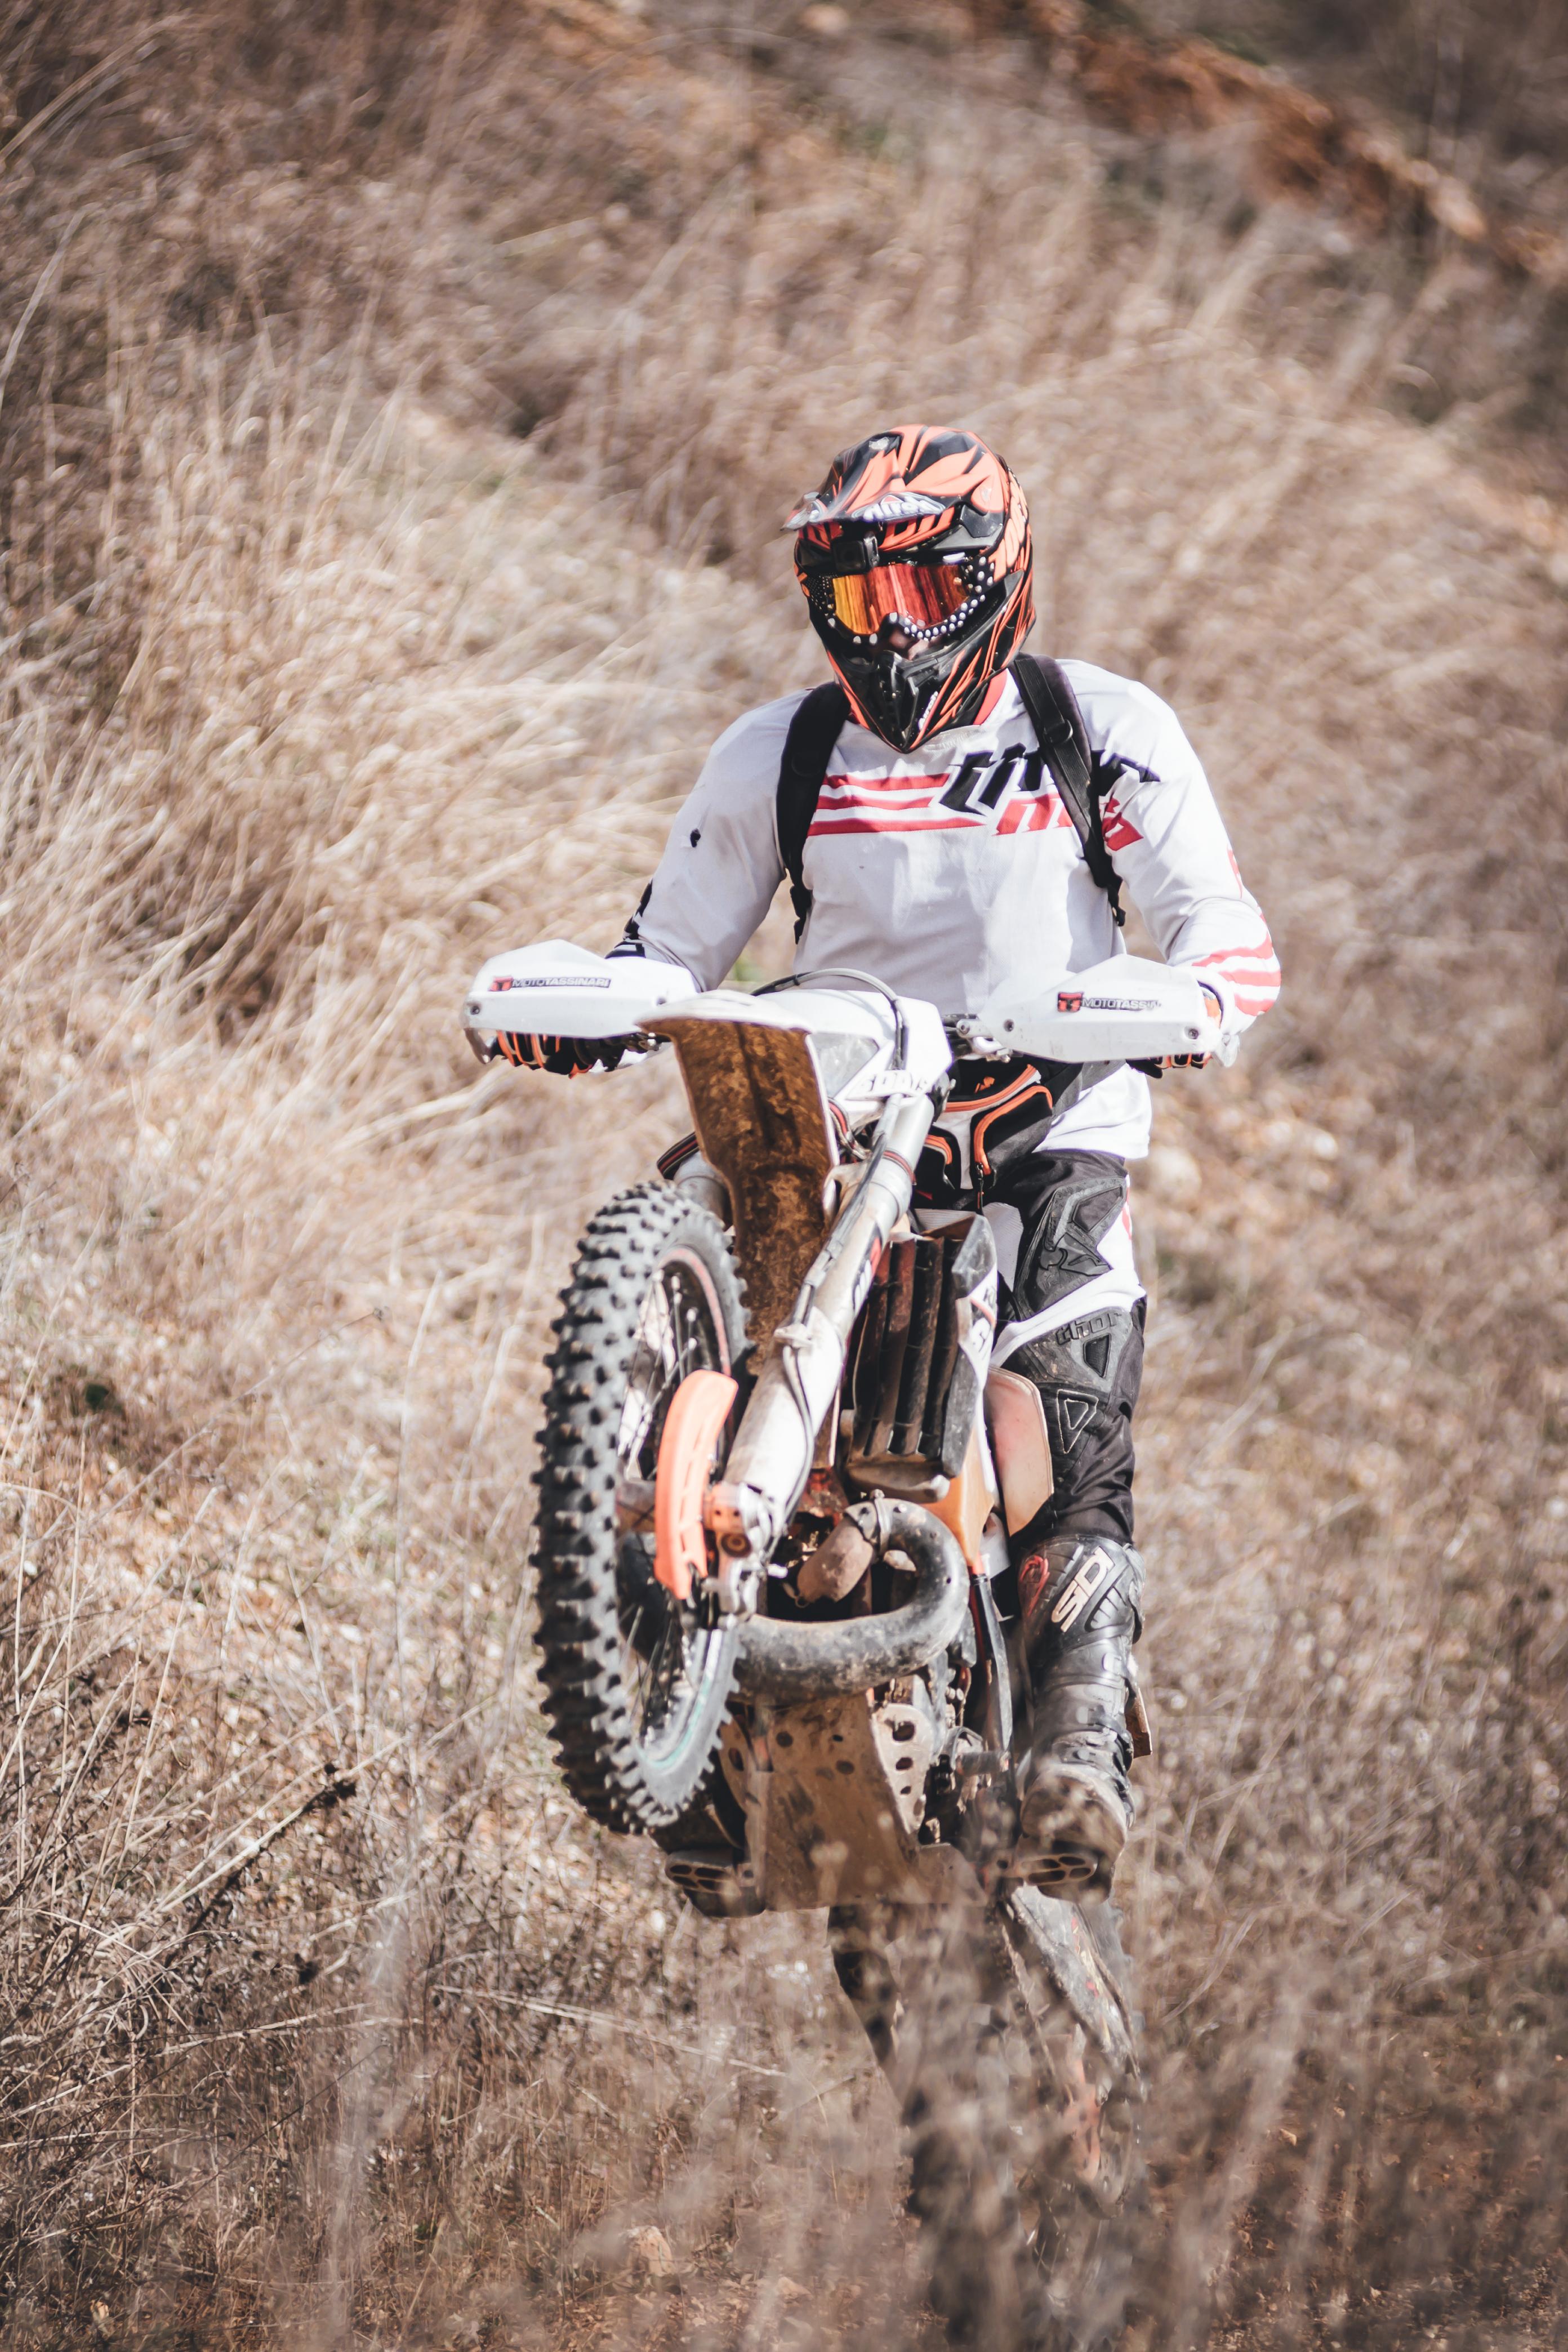 Person Riding White Dirt Bike Mid Air